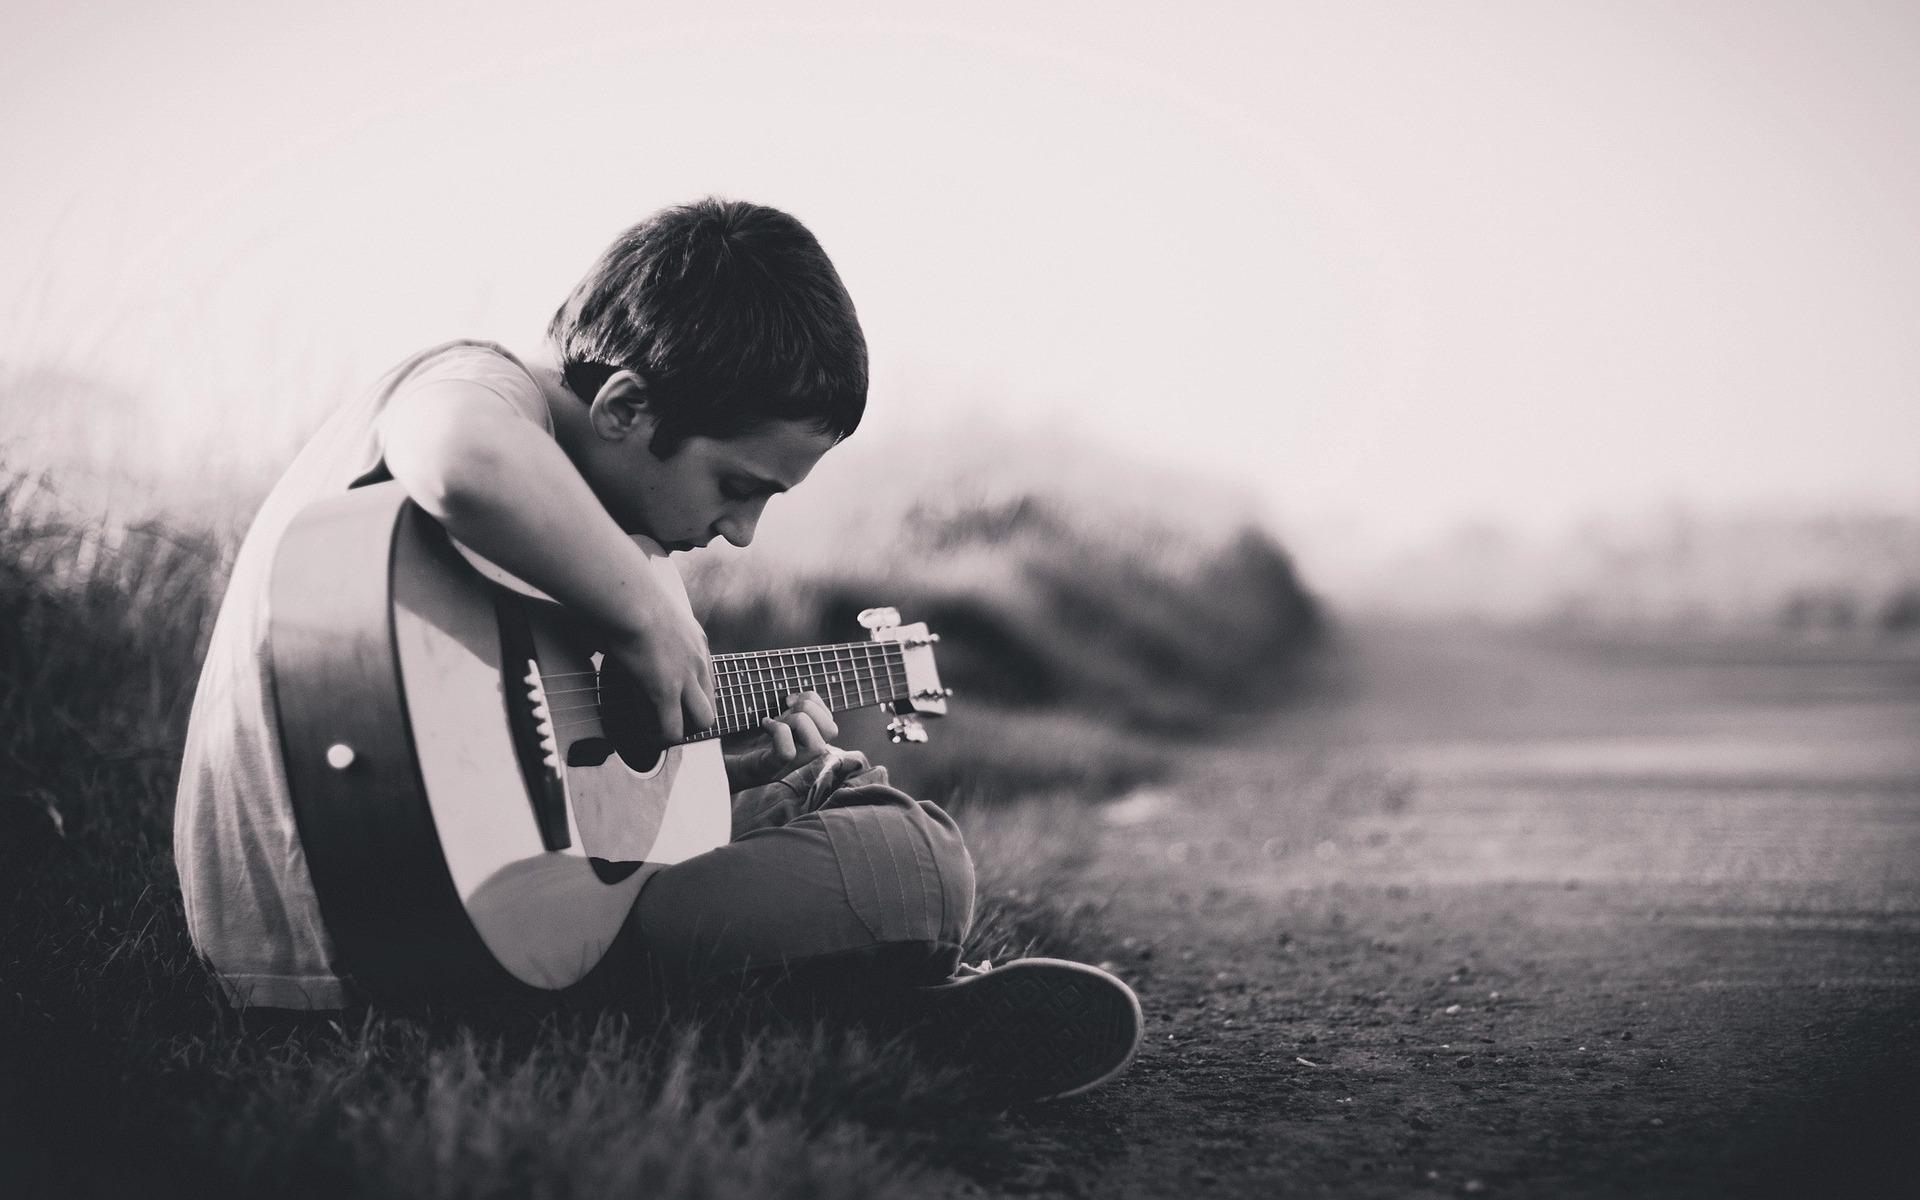 Jakie wybrać gitary na początek gry?